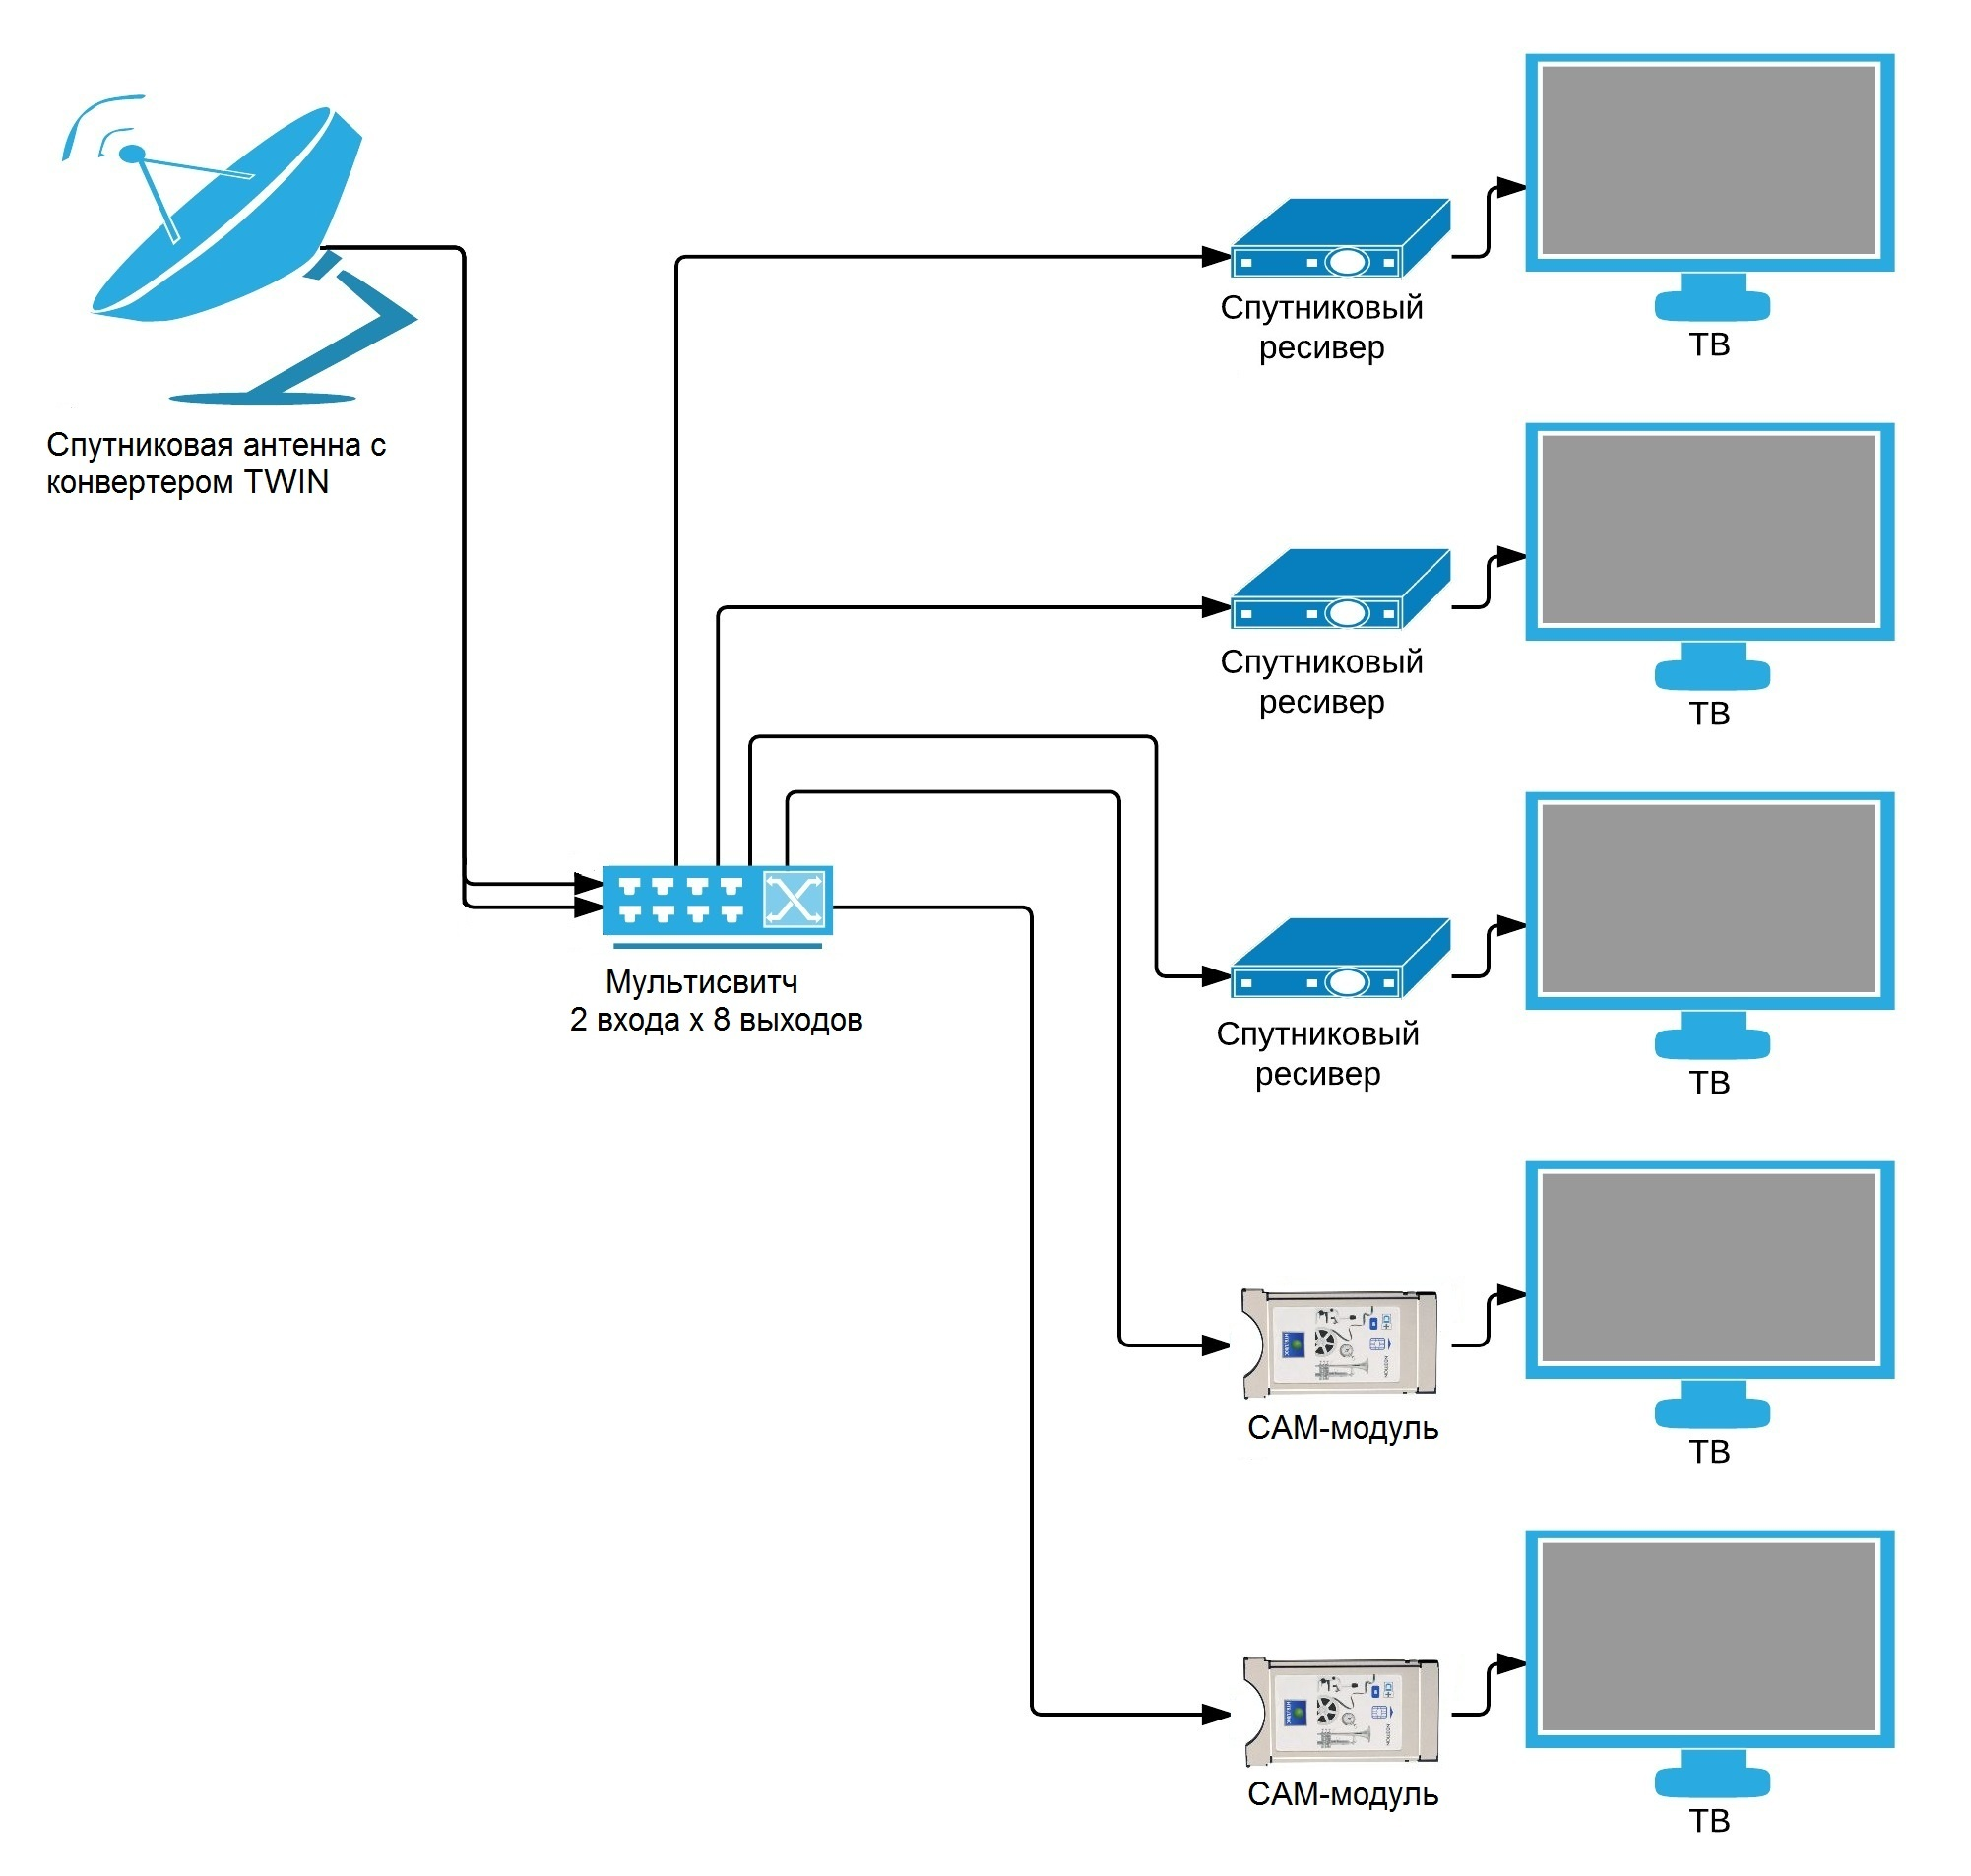 Усилитель для спутниковой антенны схема